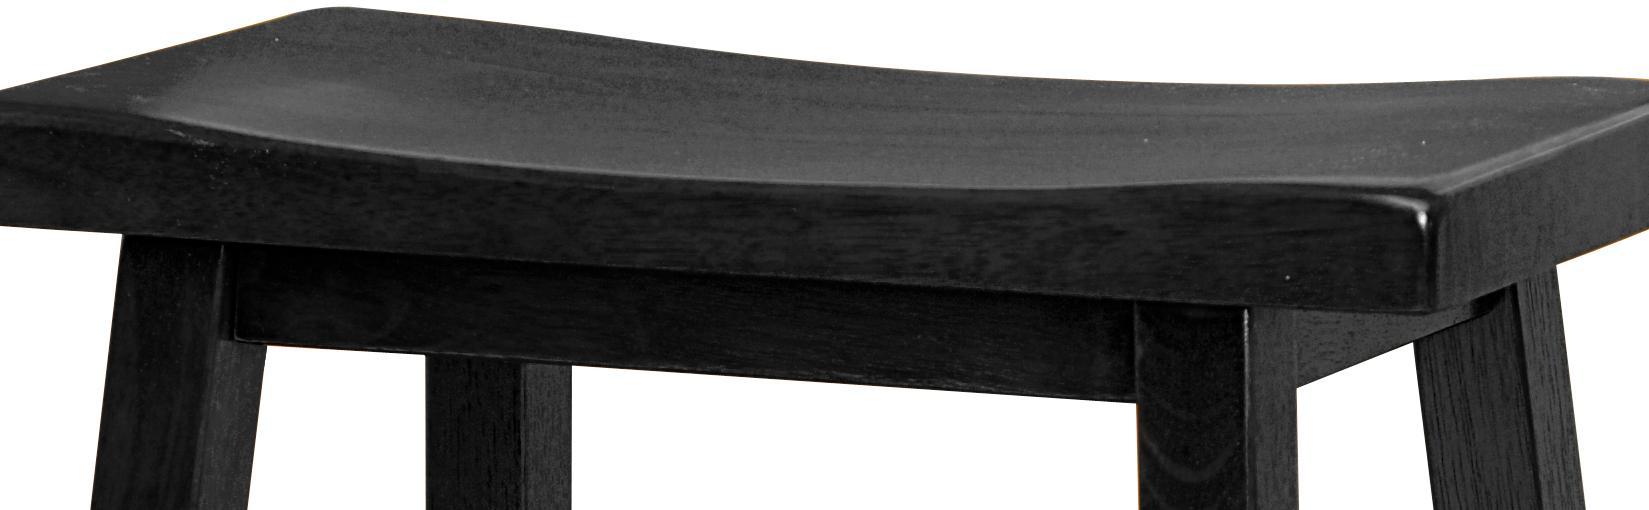 Winsome Wood 29 Inch Saddle Seat Bar Stool Black Amazon